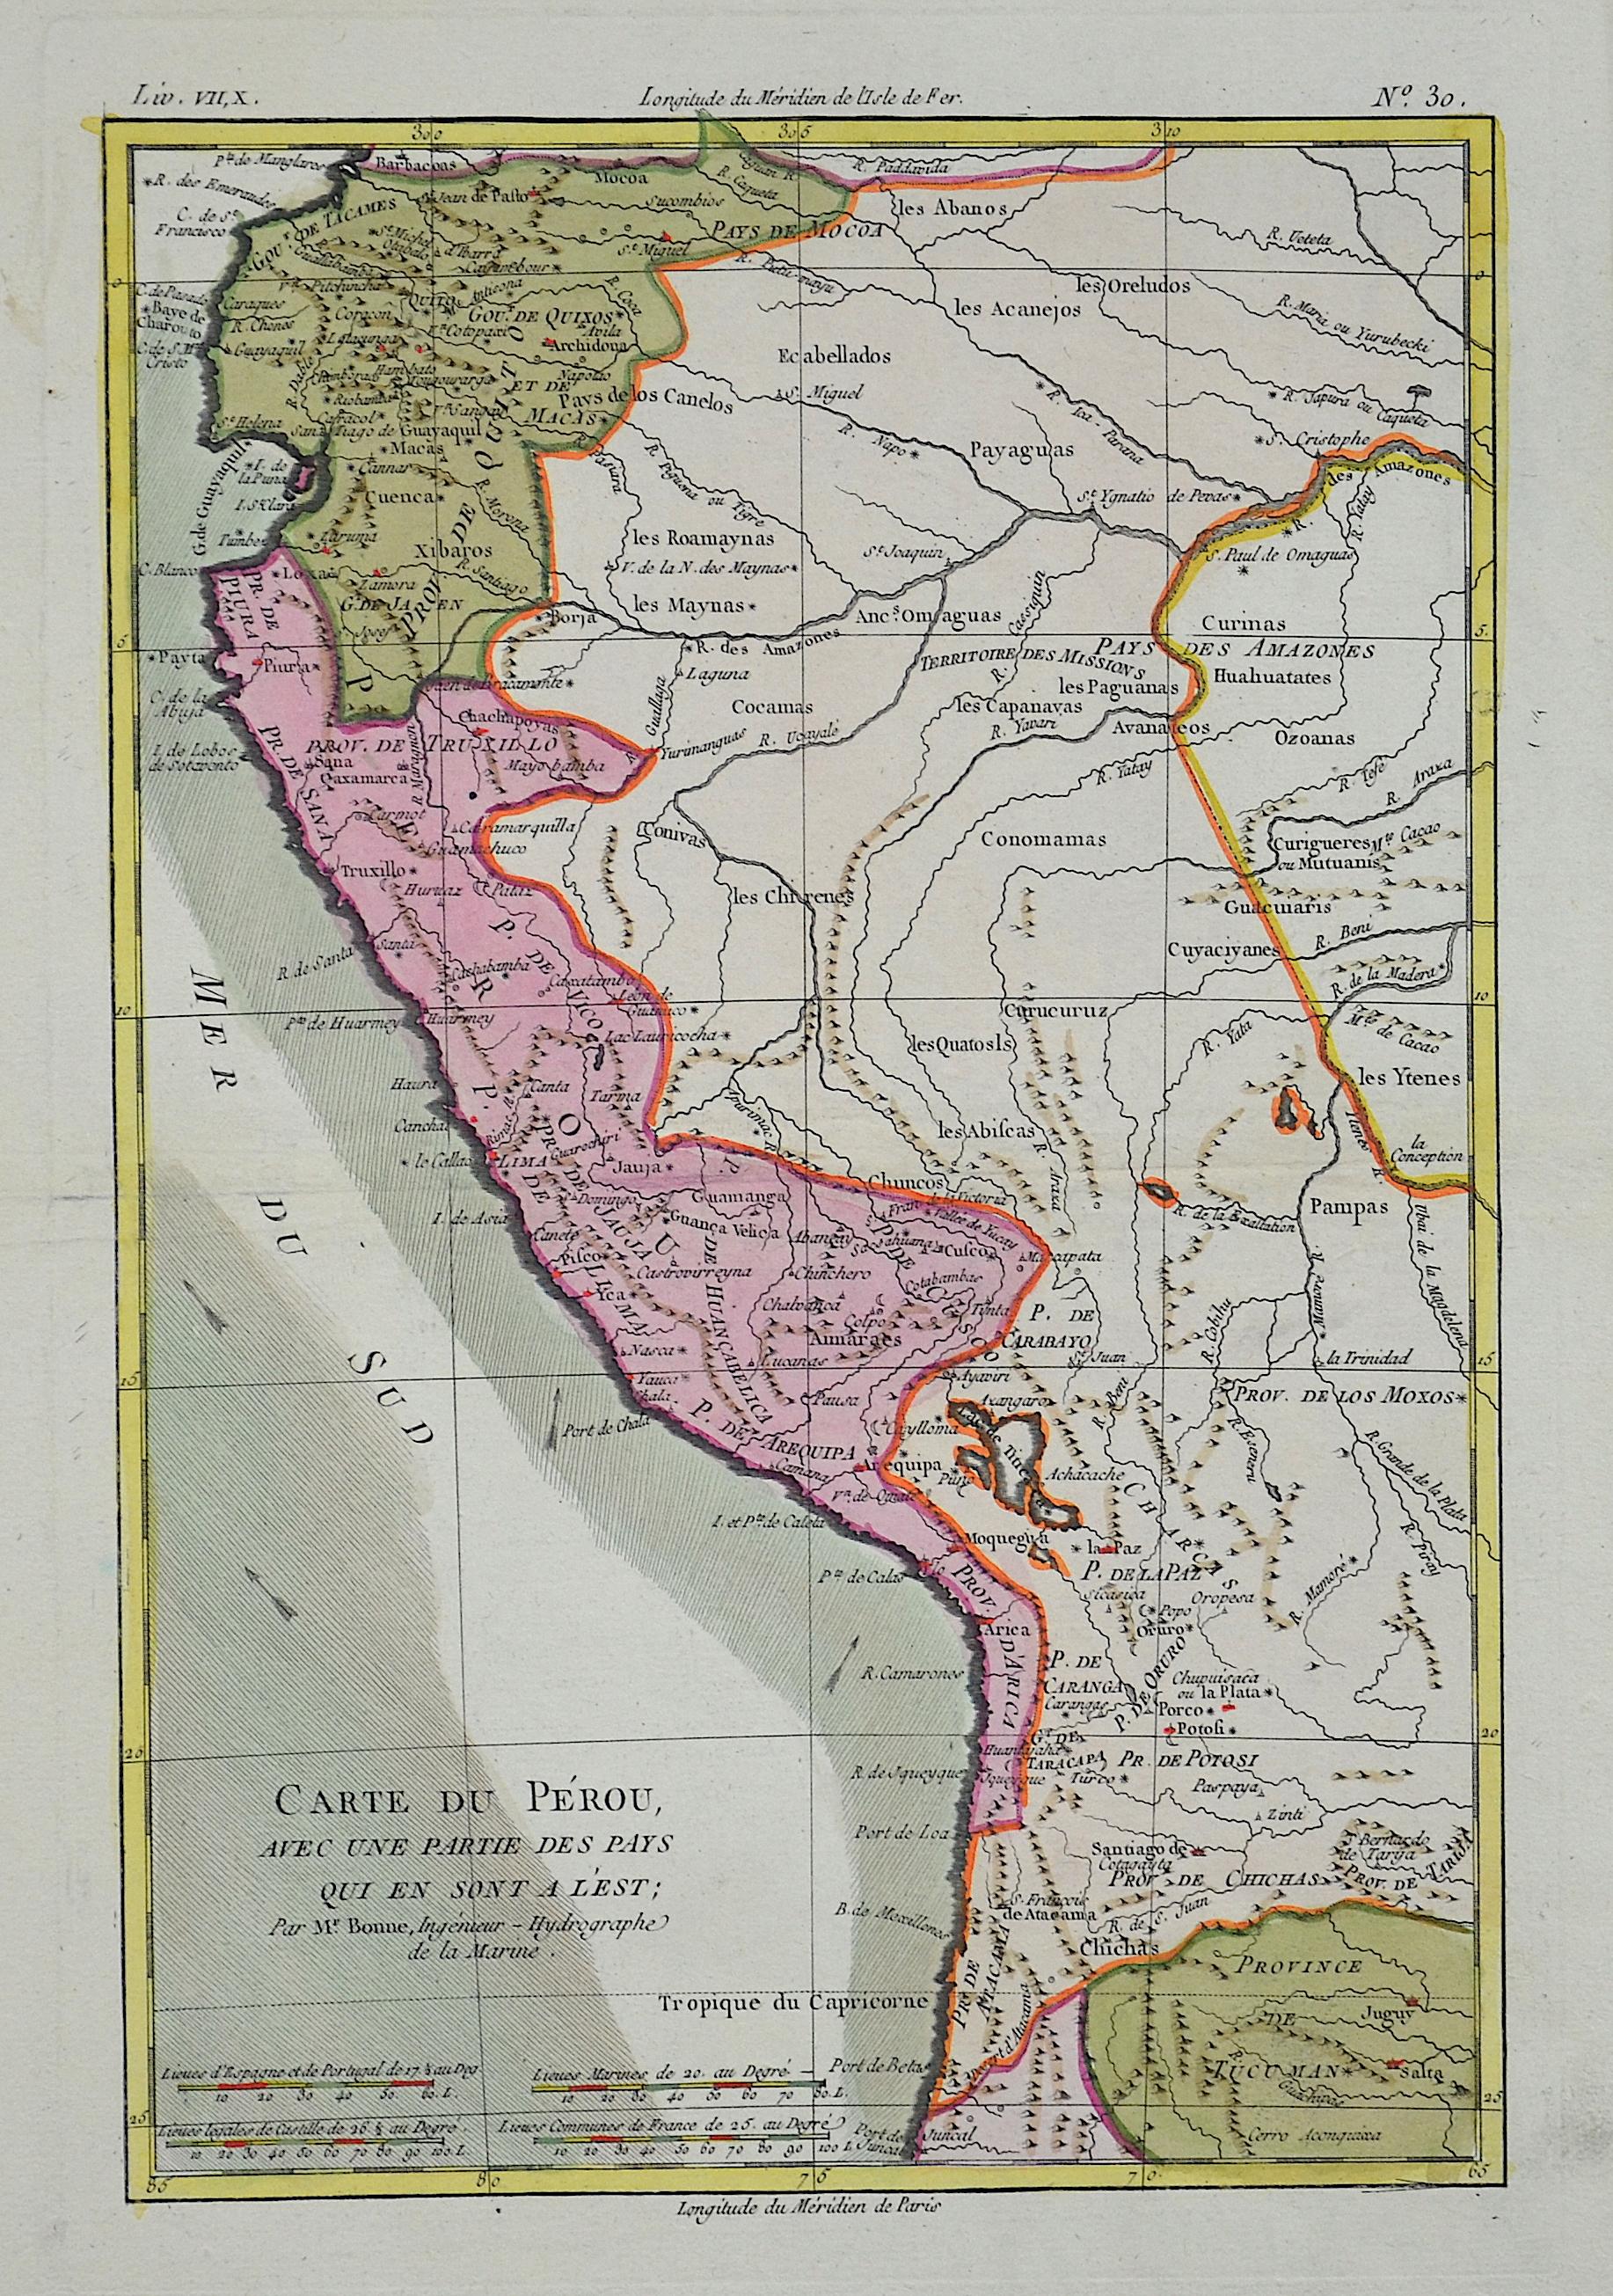 Bonne  Carte du Perou avec un partie des pays qui en sont a l´est